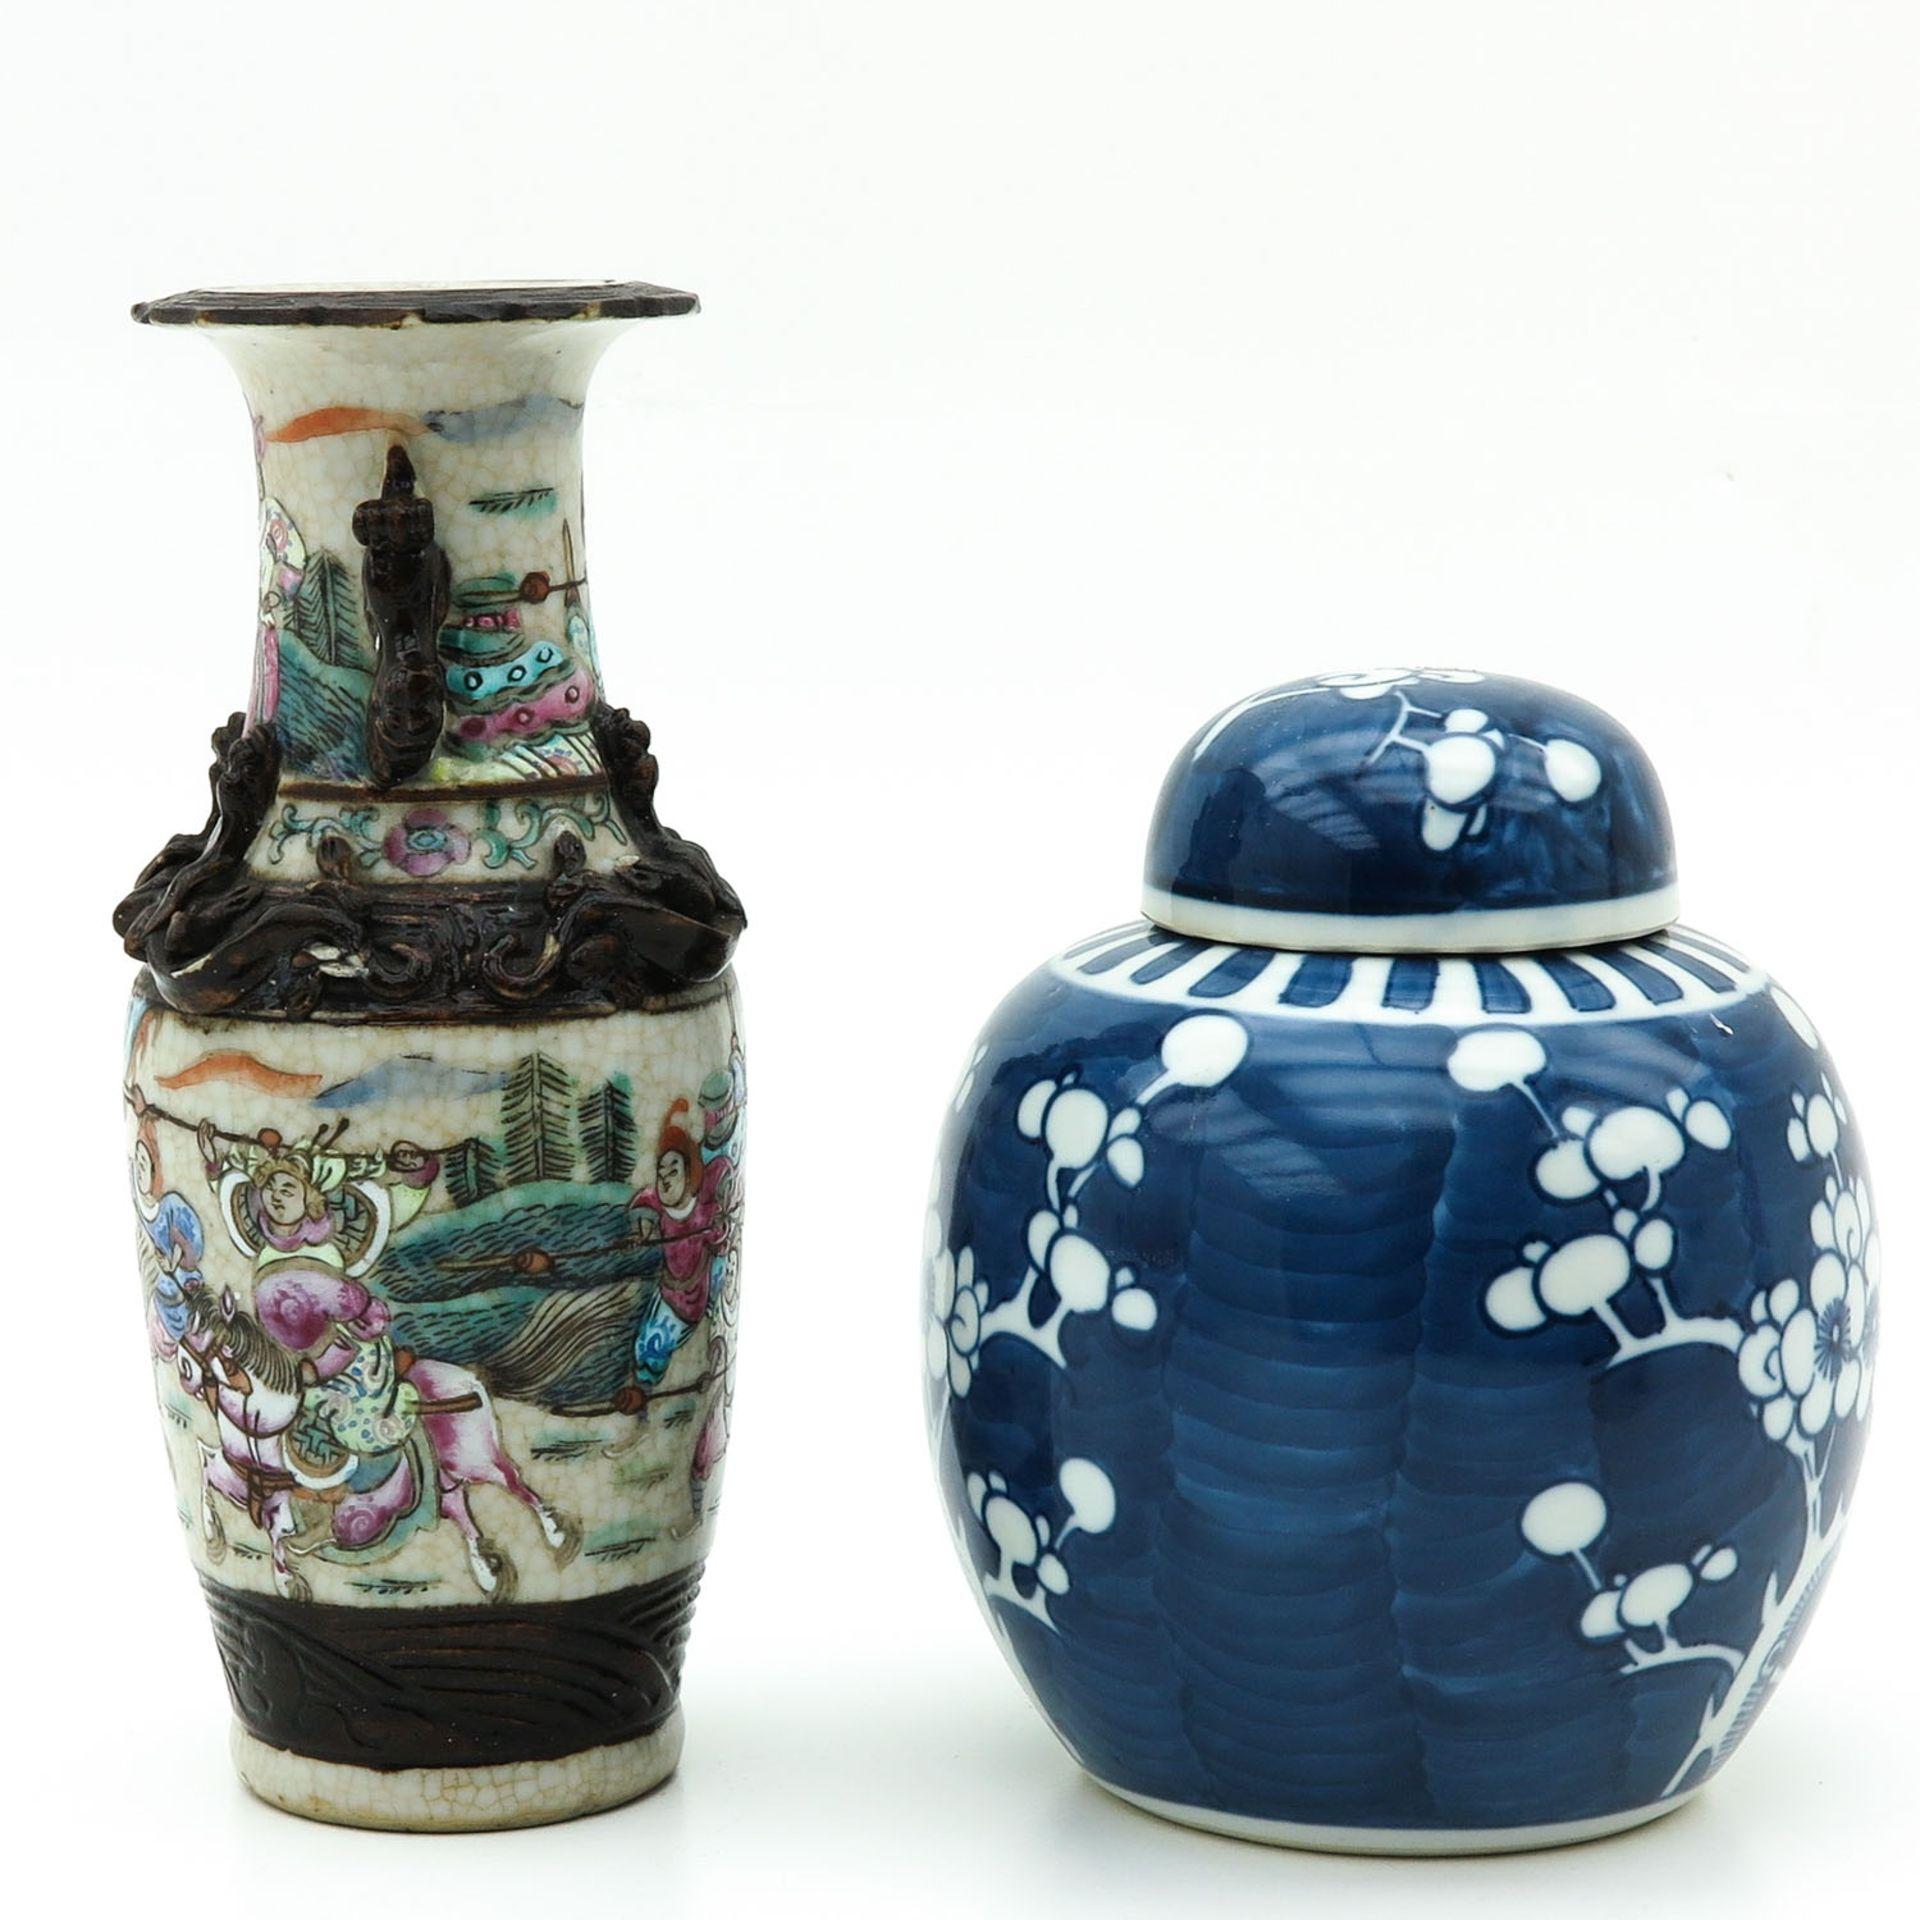 Los 7020 - A Ginger Jar and Nanking Vase